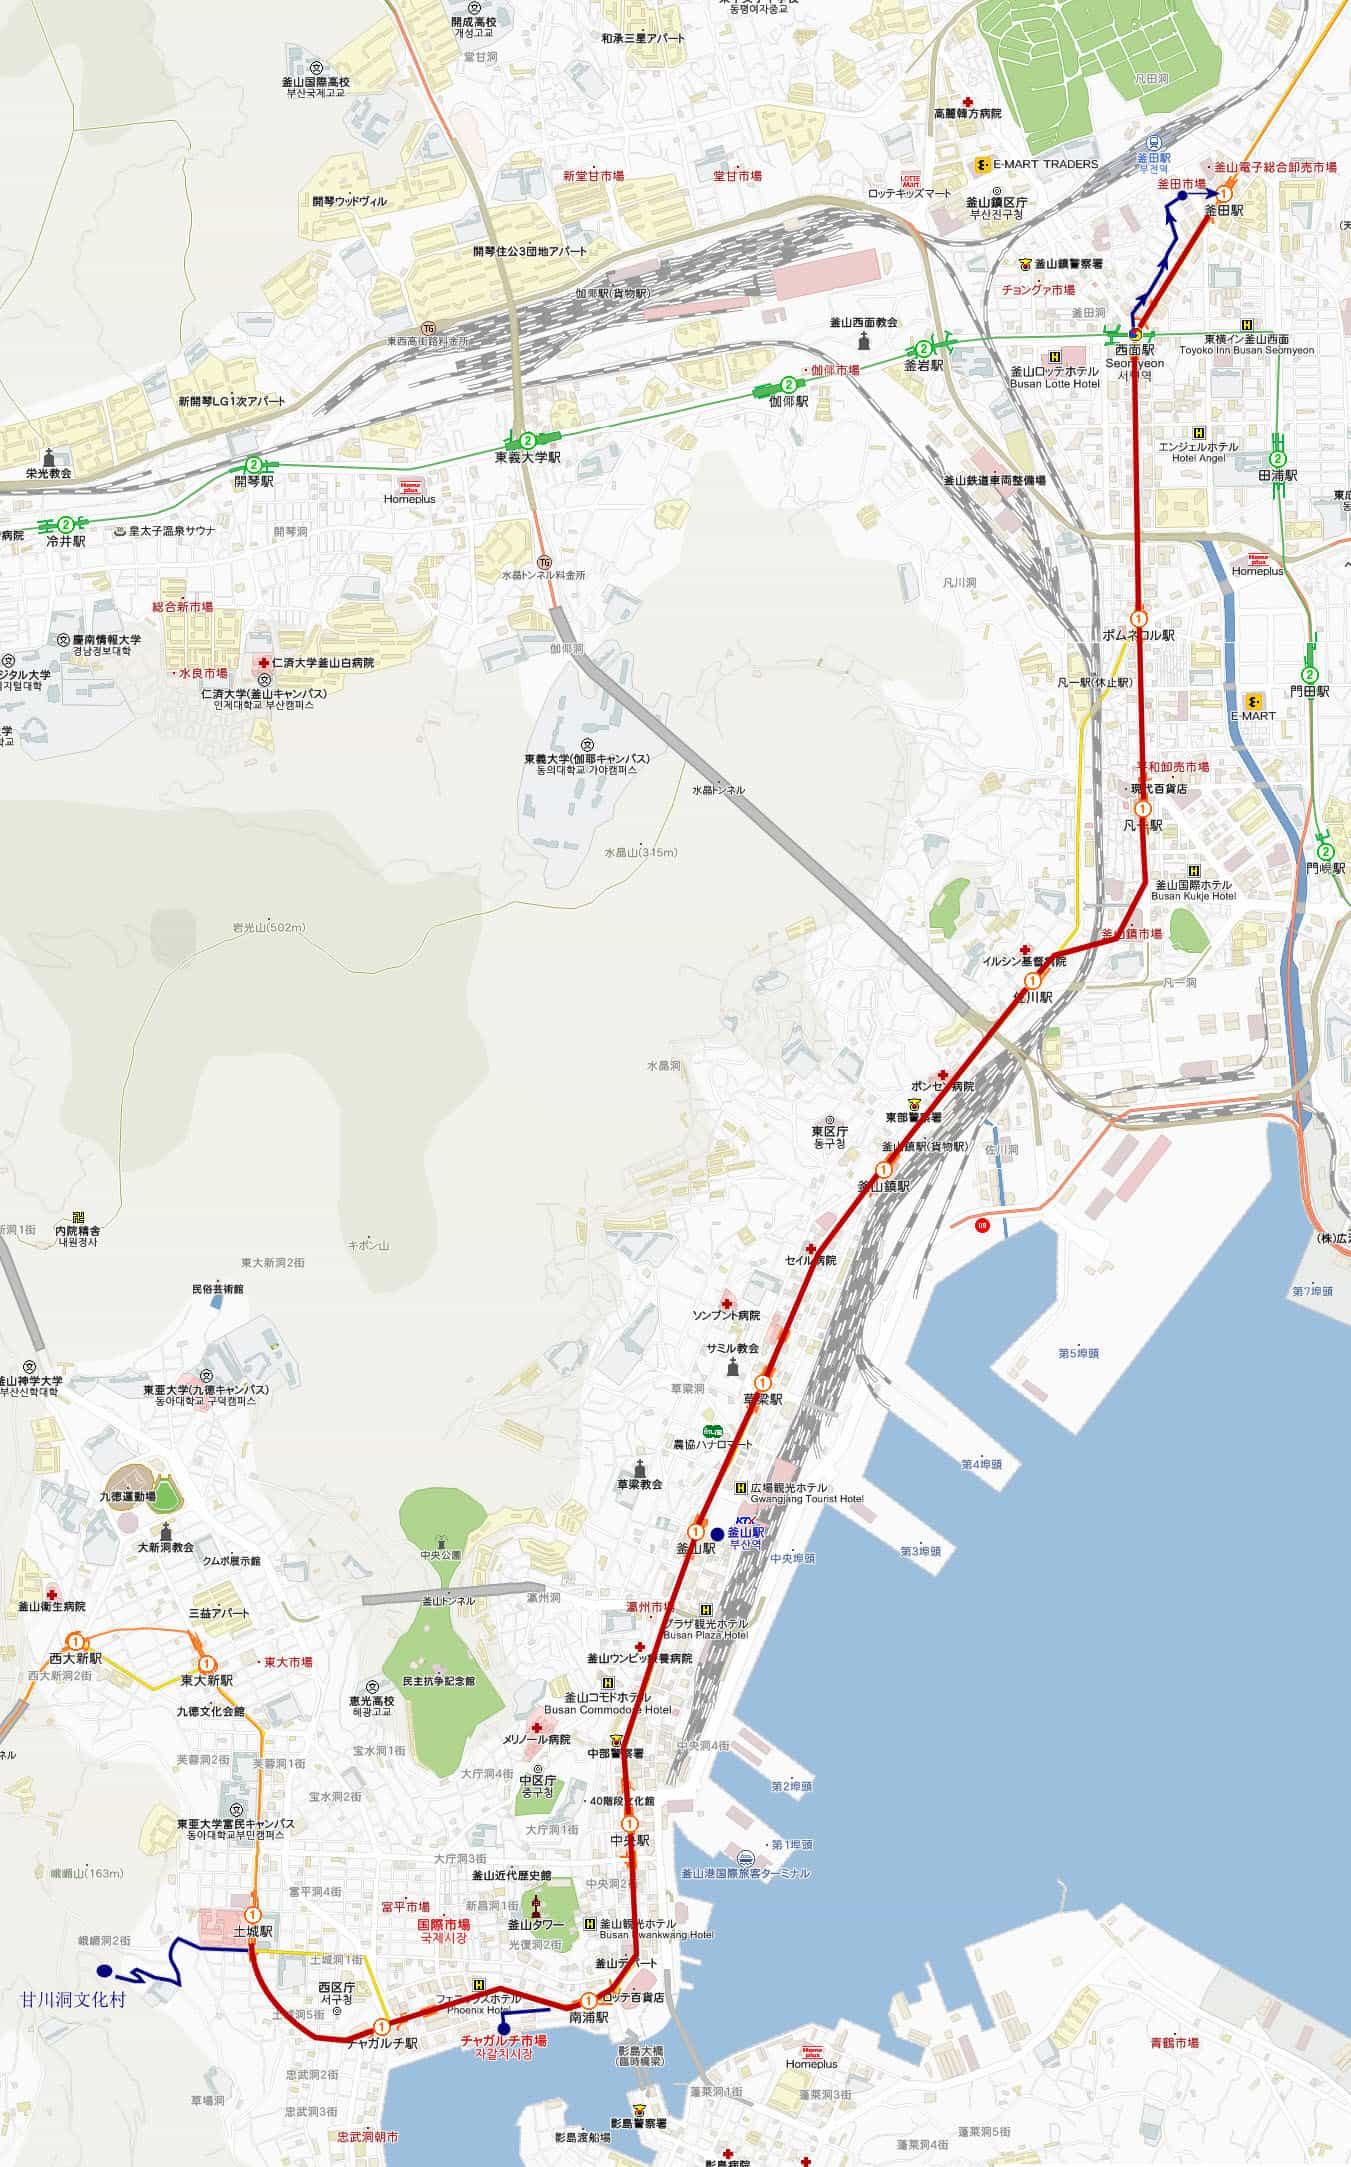 釜山甘川洞文化村、四十階梯文化館、釜田人蔘批發市場行程路線地圖